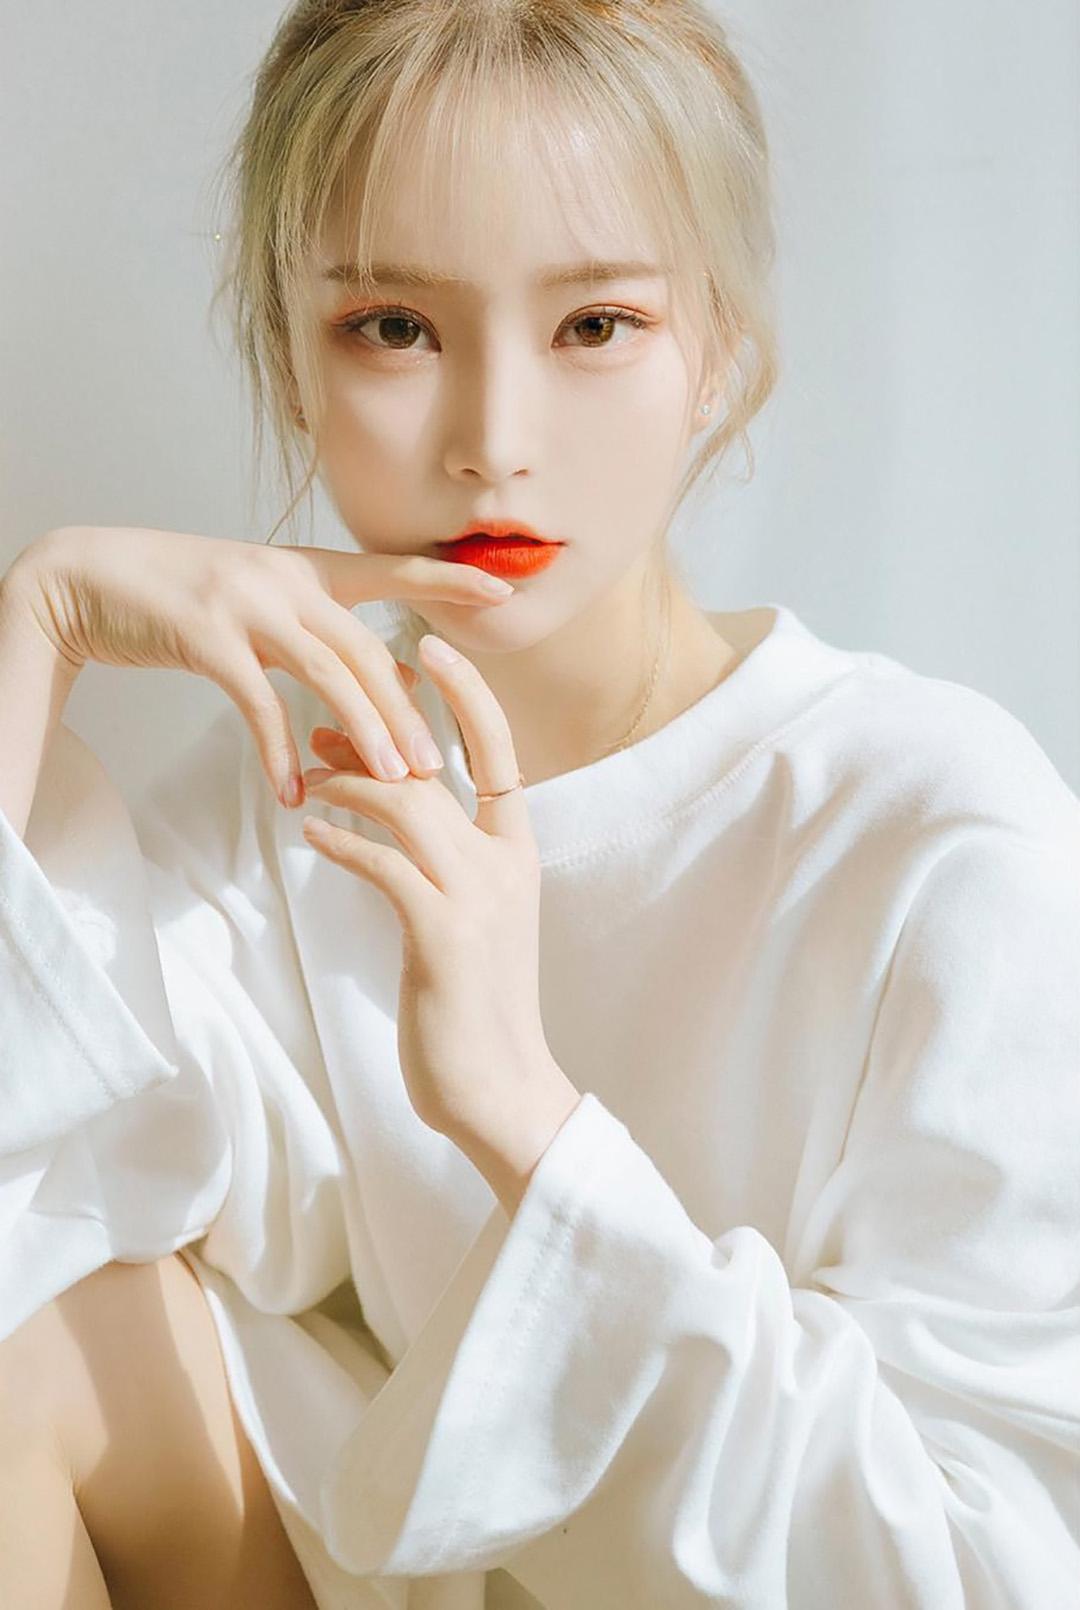 韩国美女模特GINI,天生丽质,合辑三30张